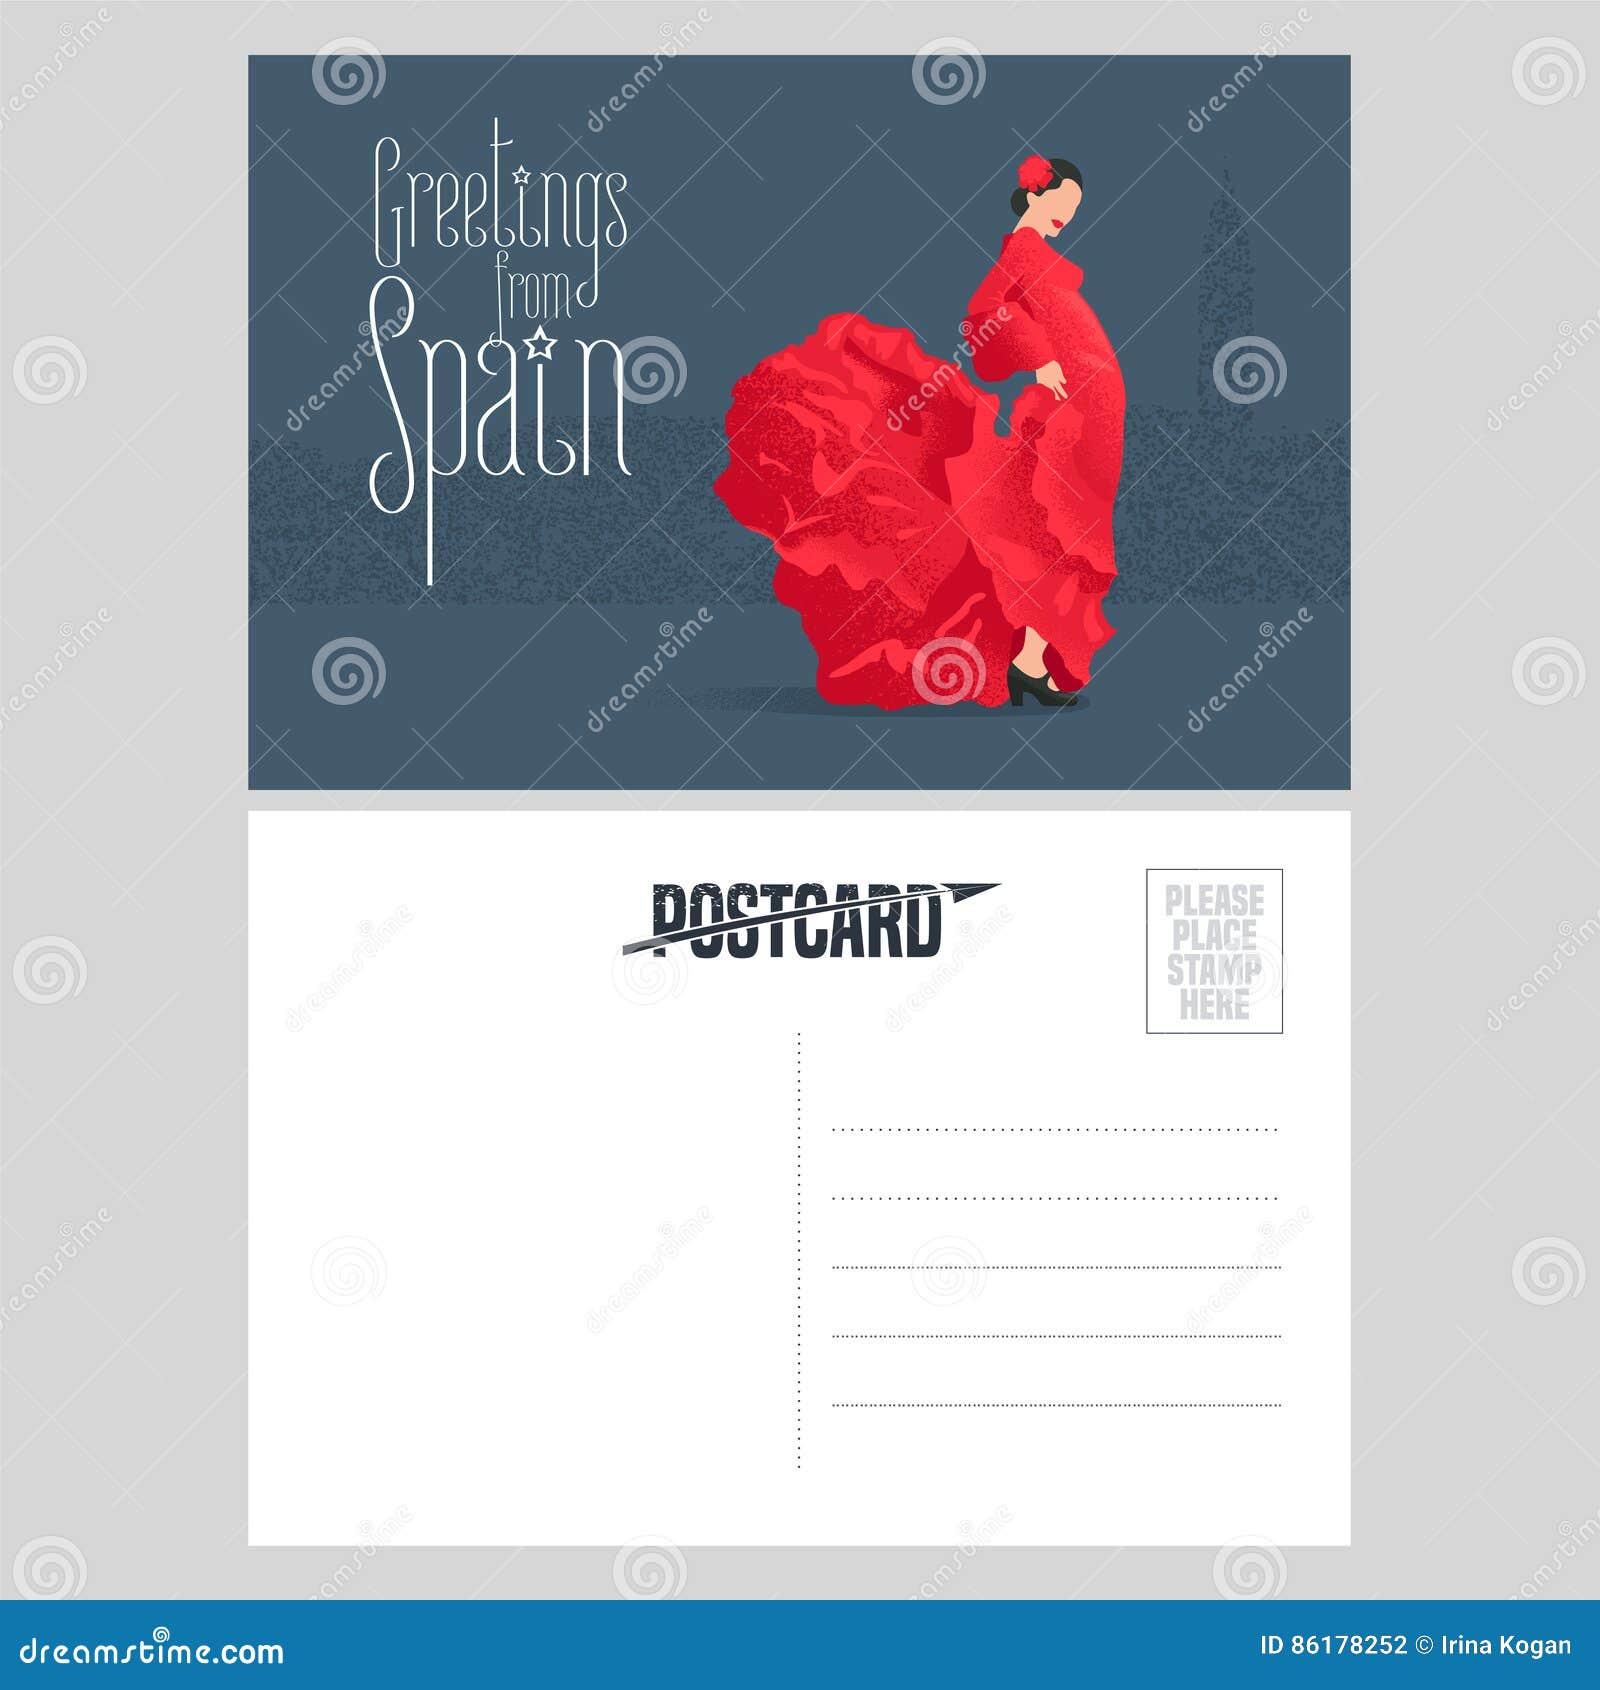 Danseur De Flamenco Dans La Robe Rouge Le Calibre Carte Postale Vecteur Concept LEspagne Visite Double A Degrossi Avec Gisement